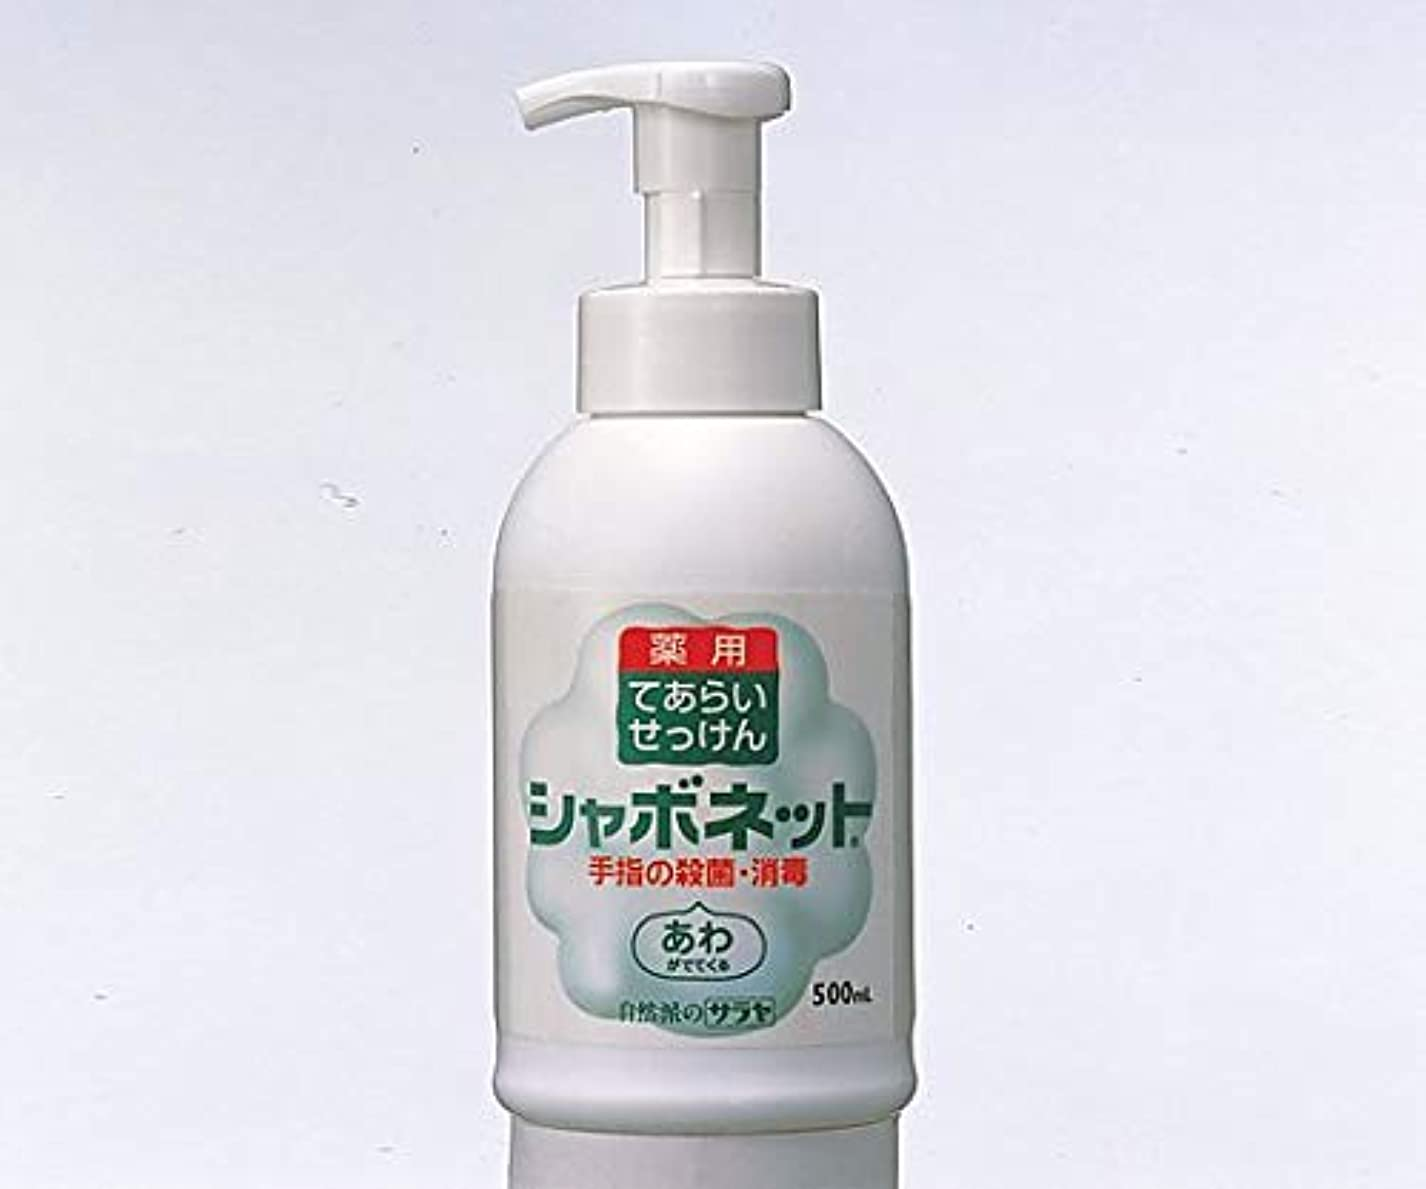 微生物泥だらけプラグシャボネットP-5